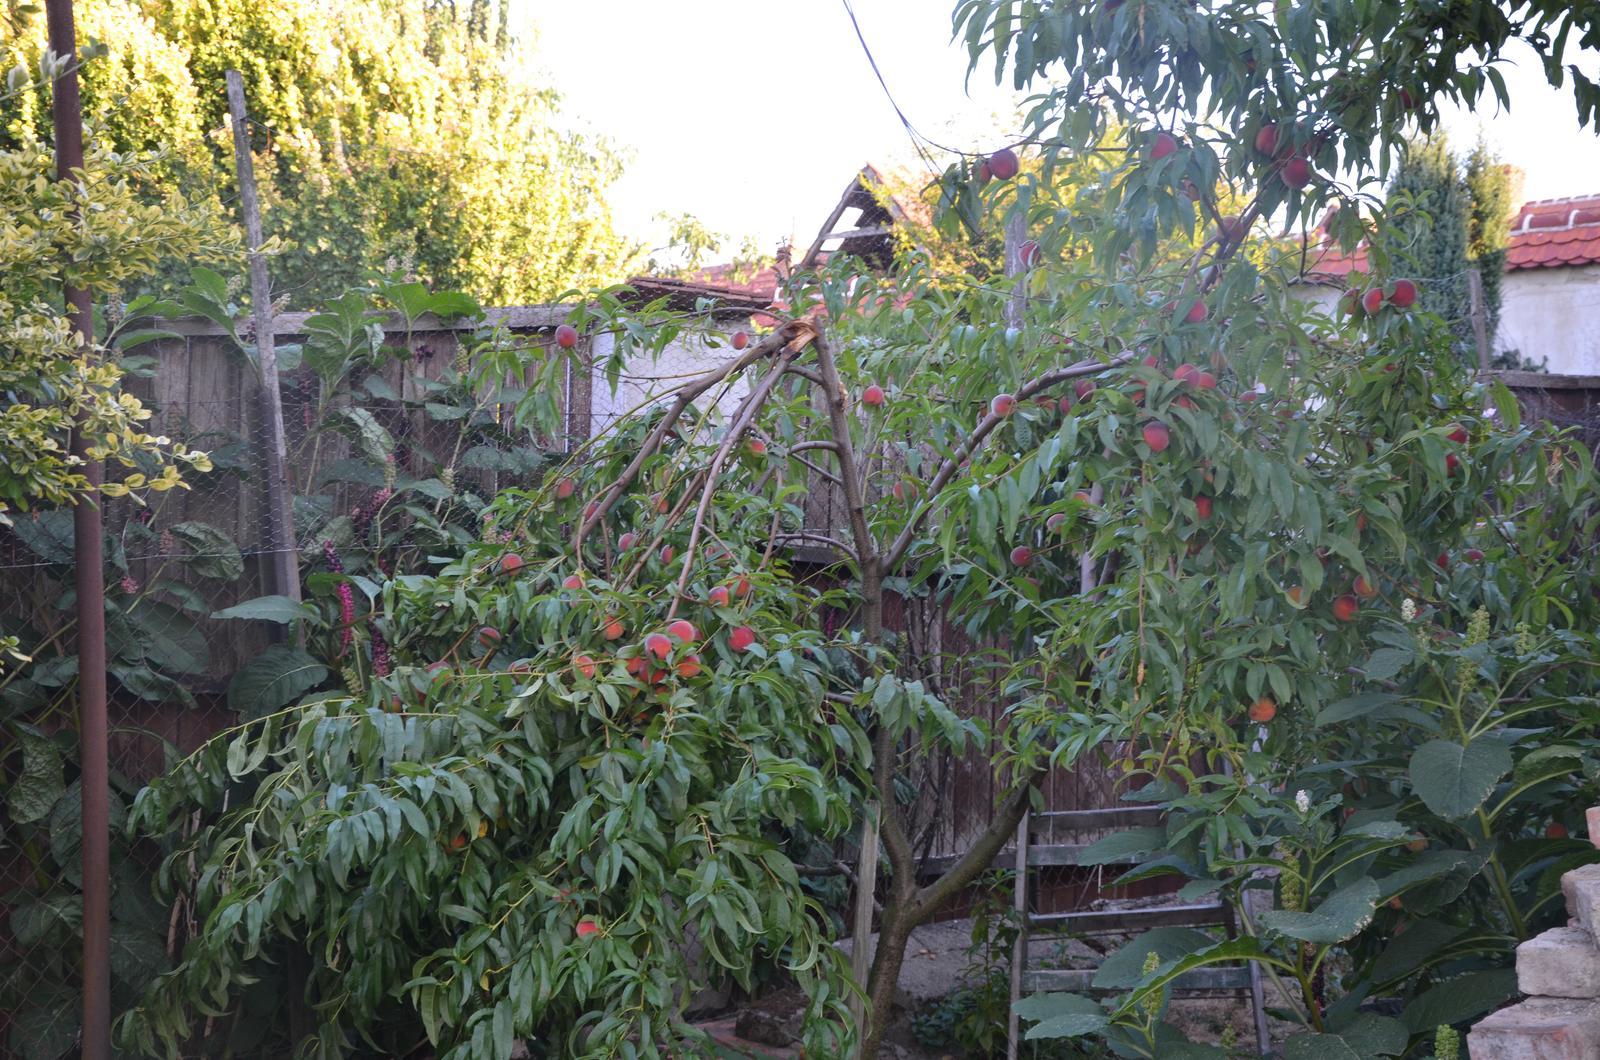 Vysněná zahrada... - broskvička se bohužel pod tíhou úrody ve větru zlomila